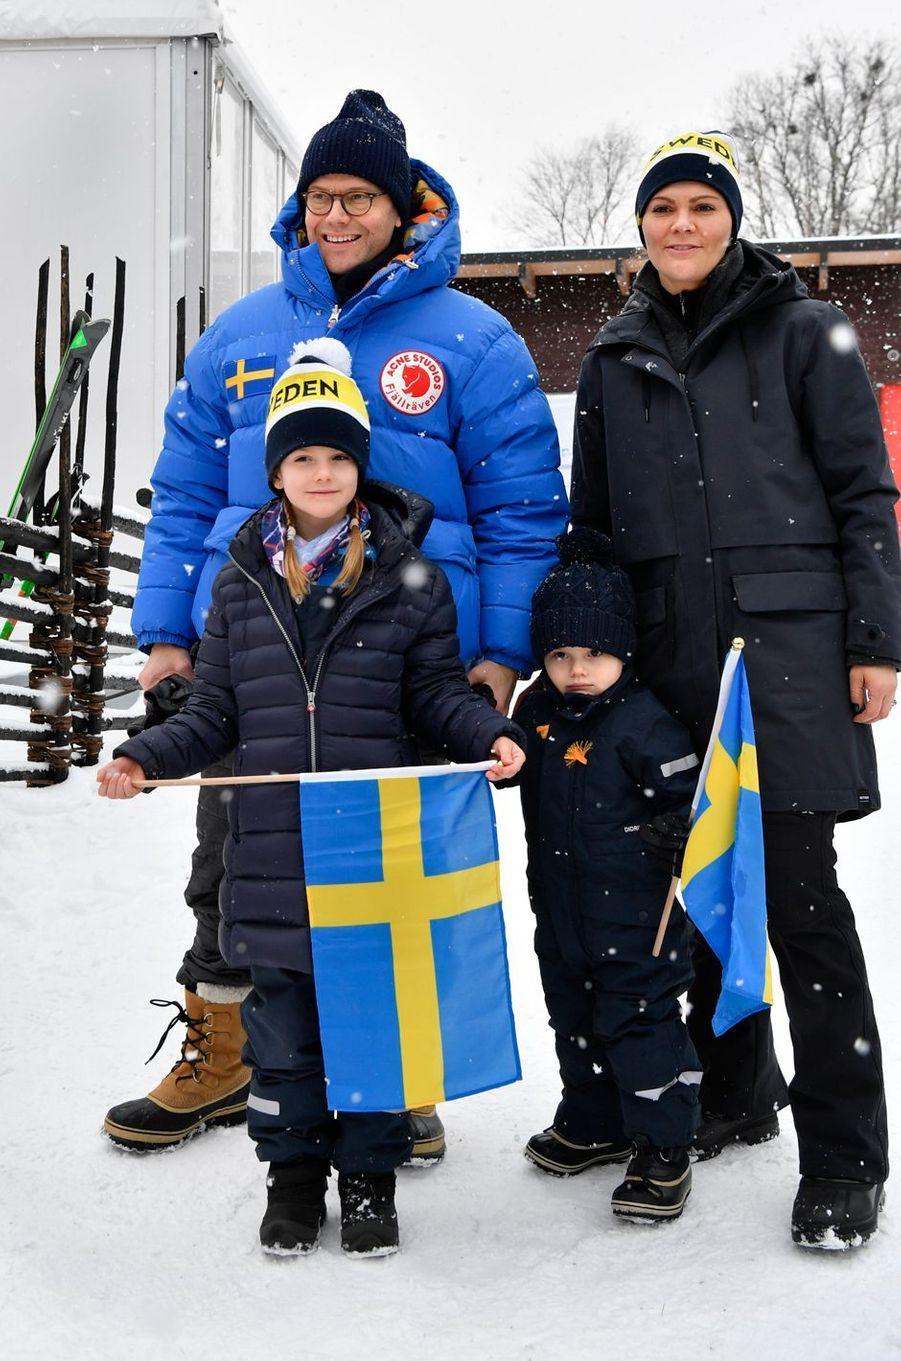 La princesse Victoria de Suède et le prince consort Daniel avec leurs enfants à Are, le week-end des 9 et 10 février 2019